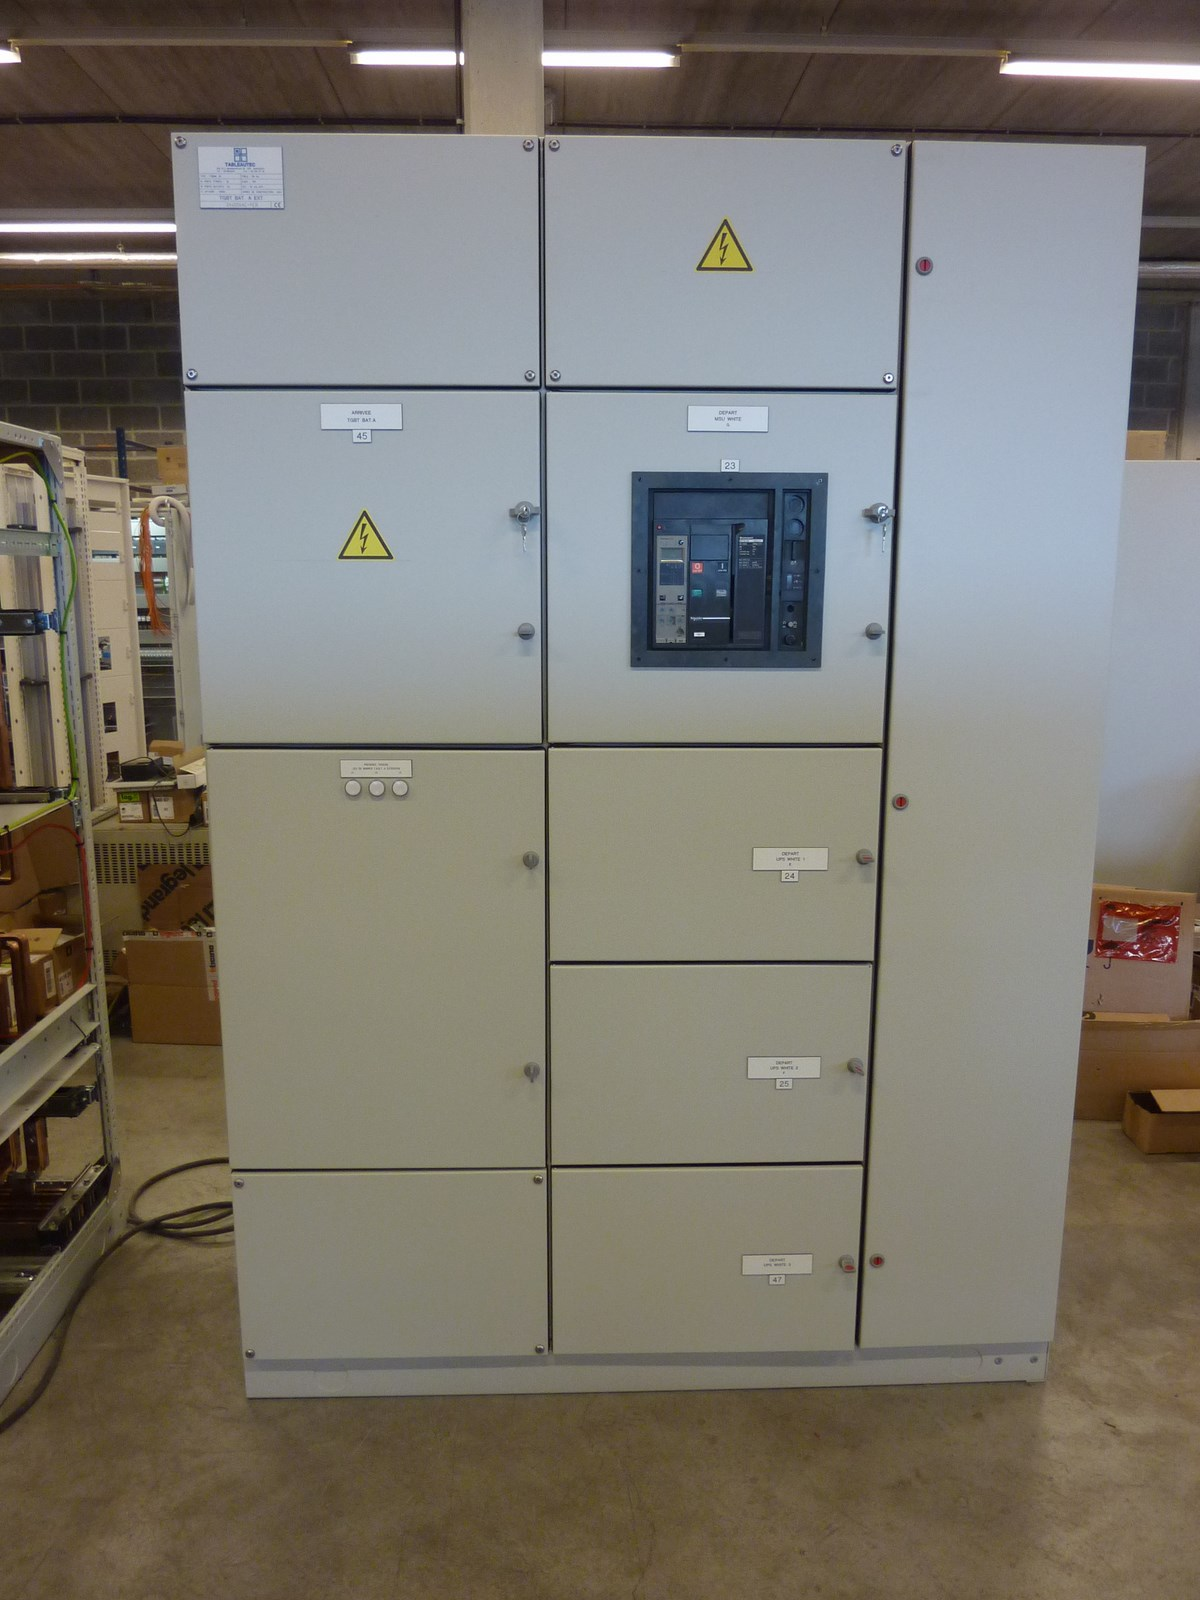 P1070080 (Copier)